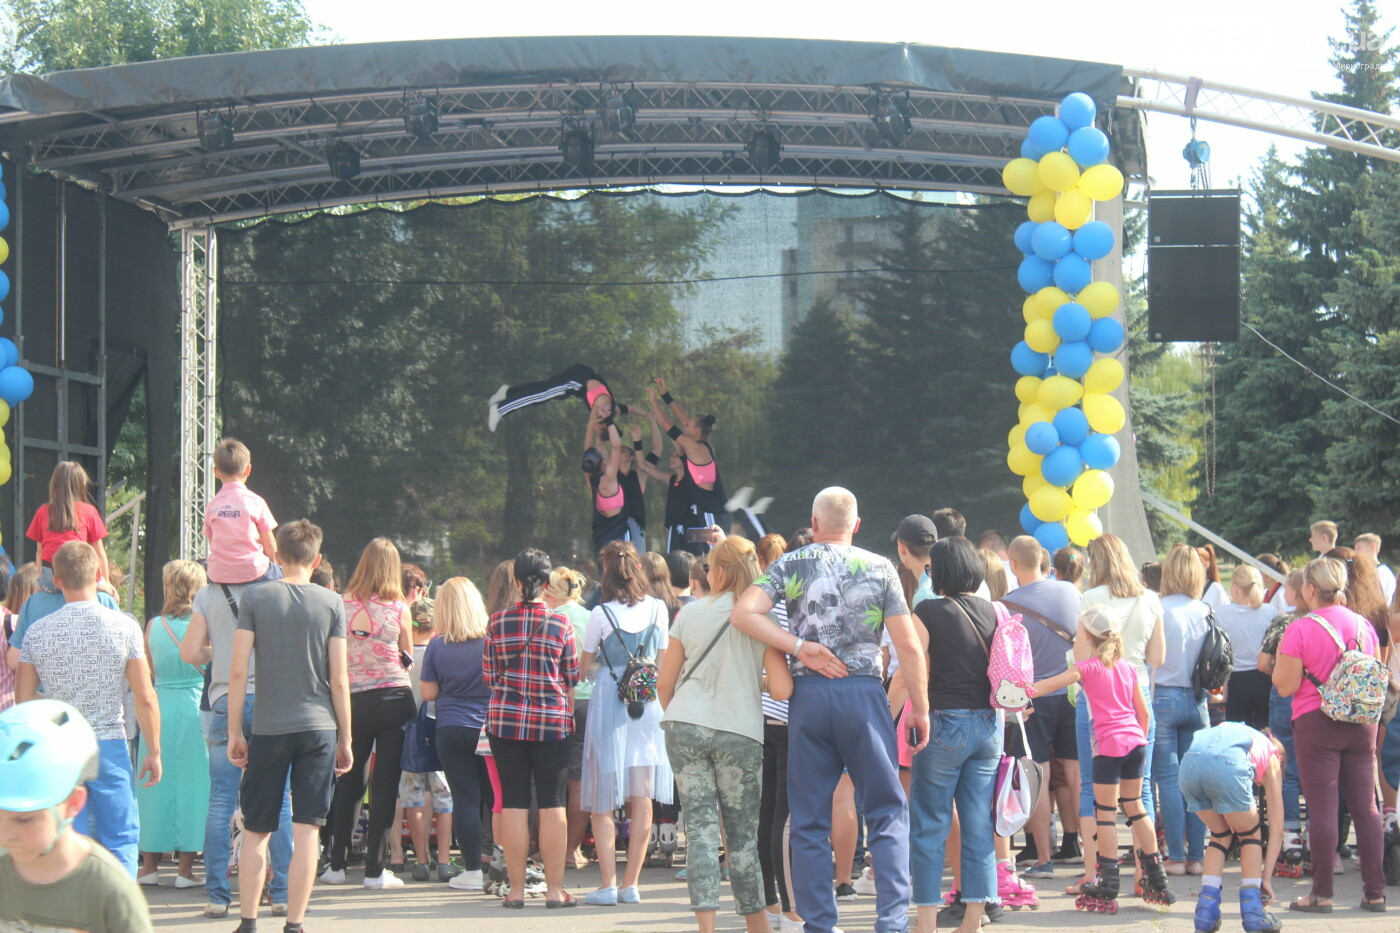 «Ролерфест» и соревнования: в Мирнограде отметили День физкультуры и спорта , фото-6